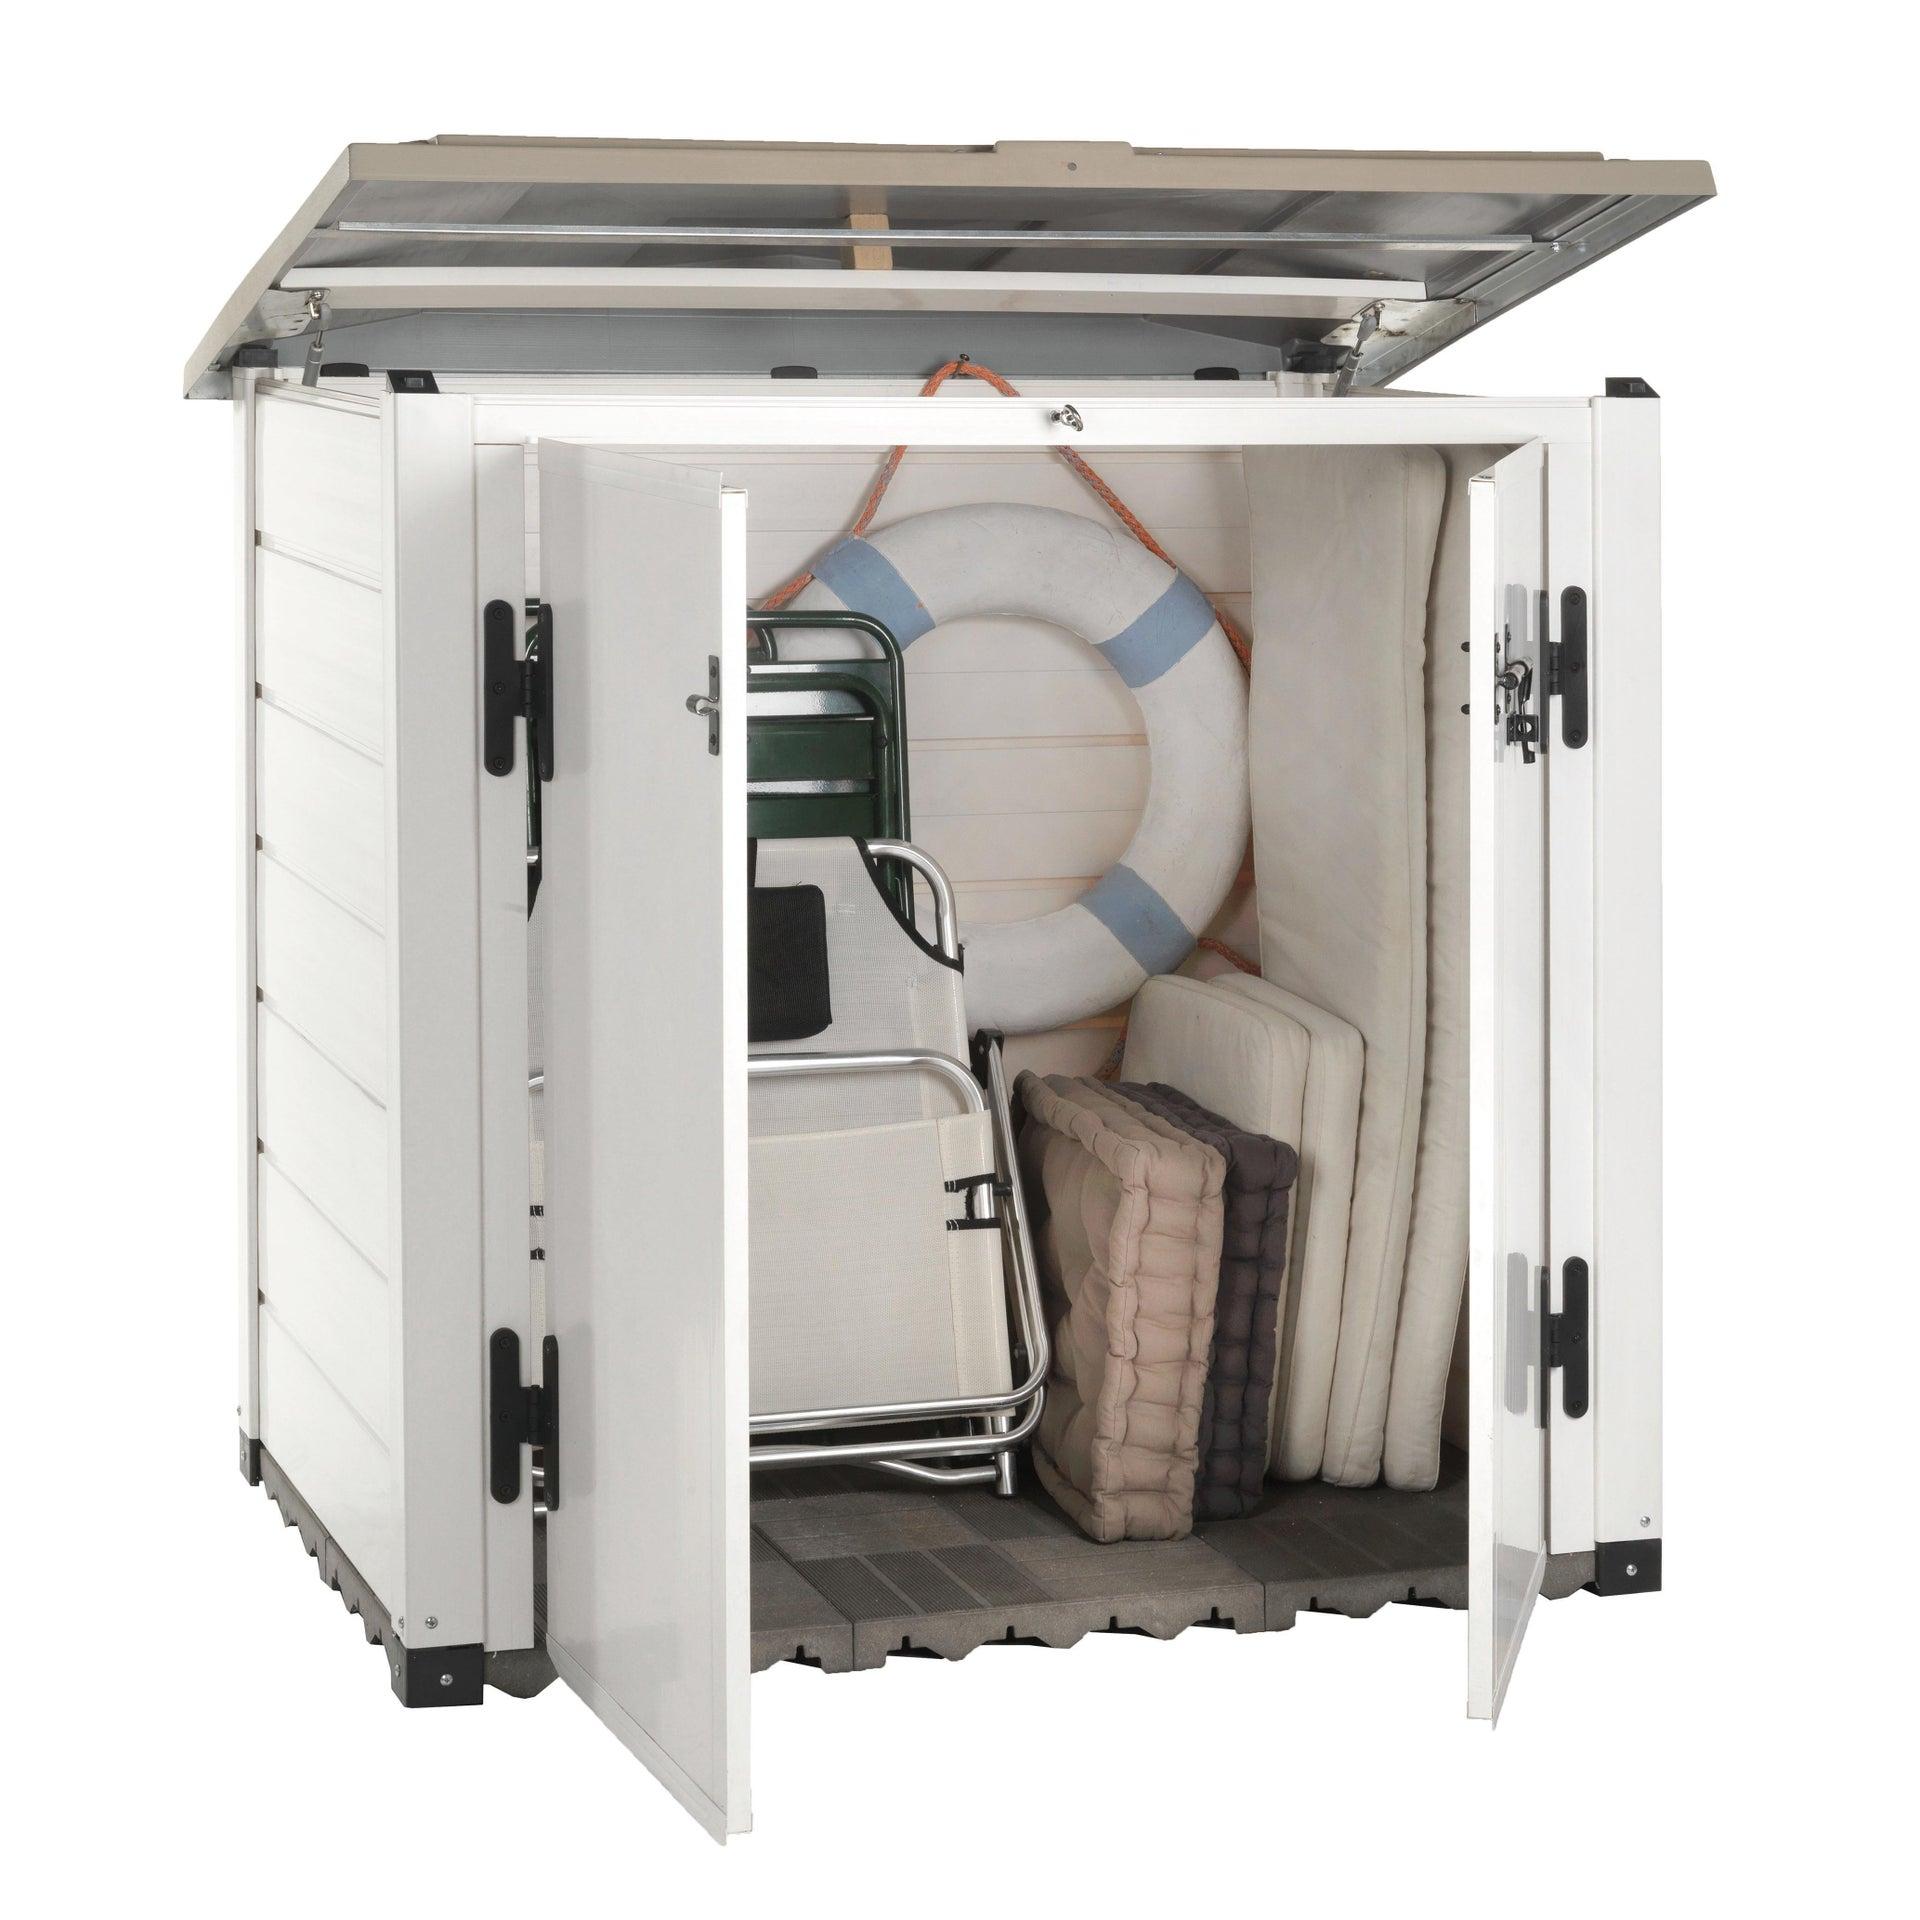 Box portattrezzi in resina GAROFALO Box Evo 100 L 122 x P 82.5 x H 133 cm - 3